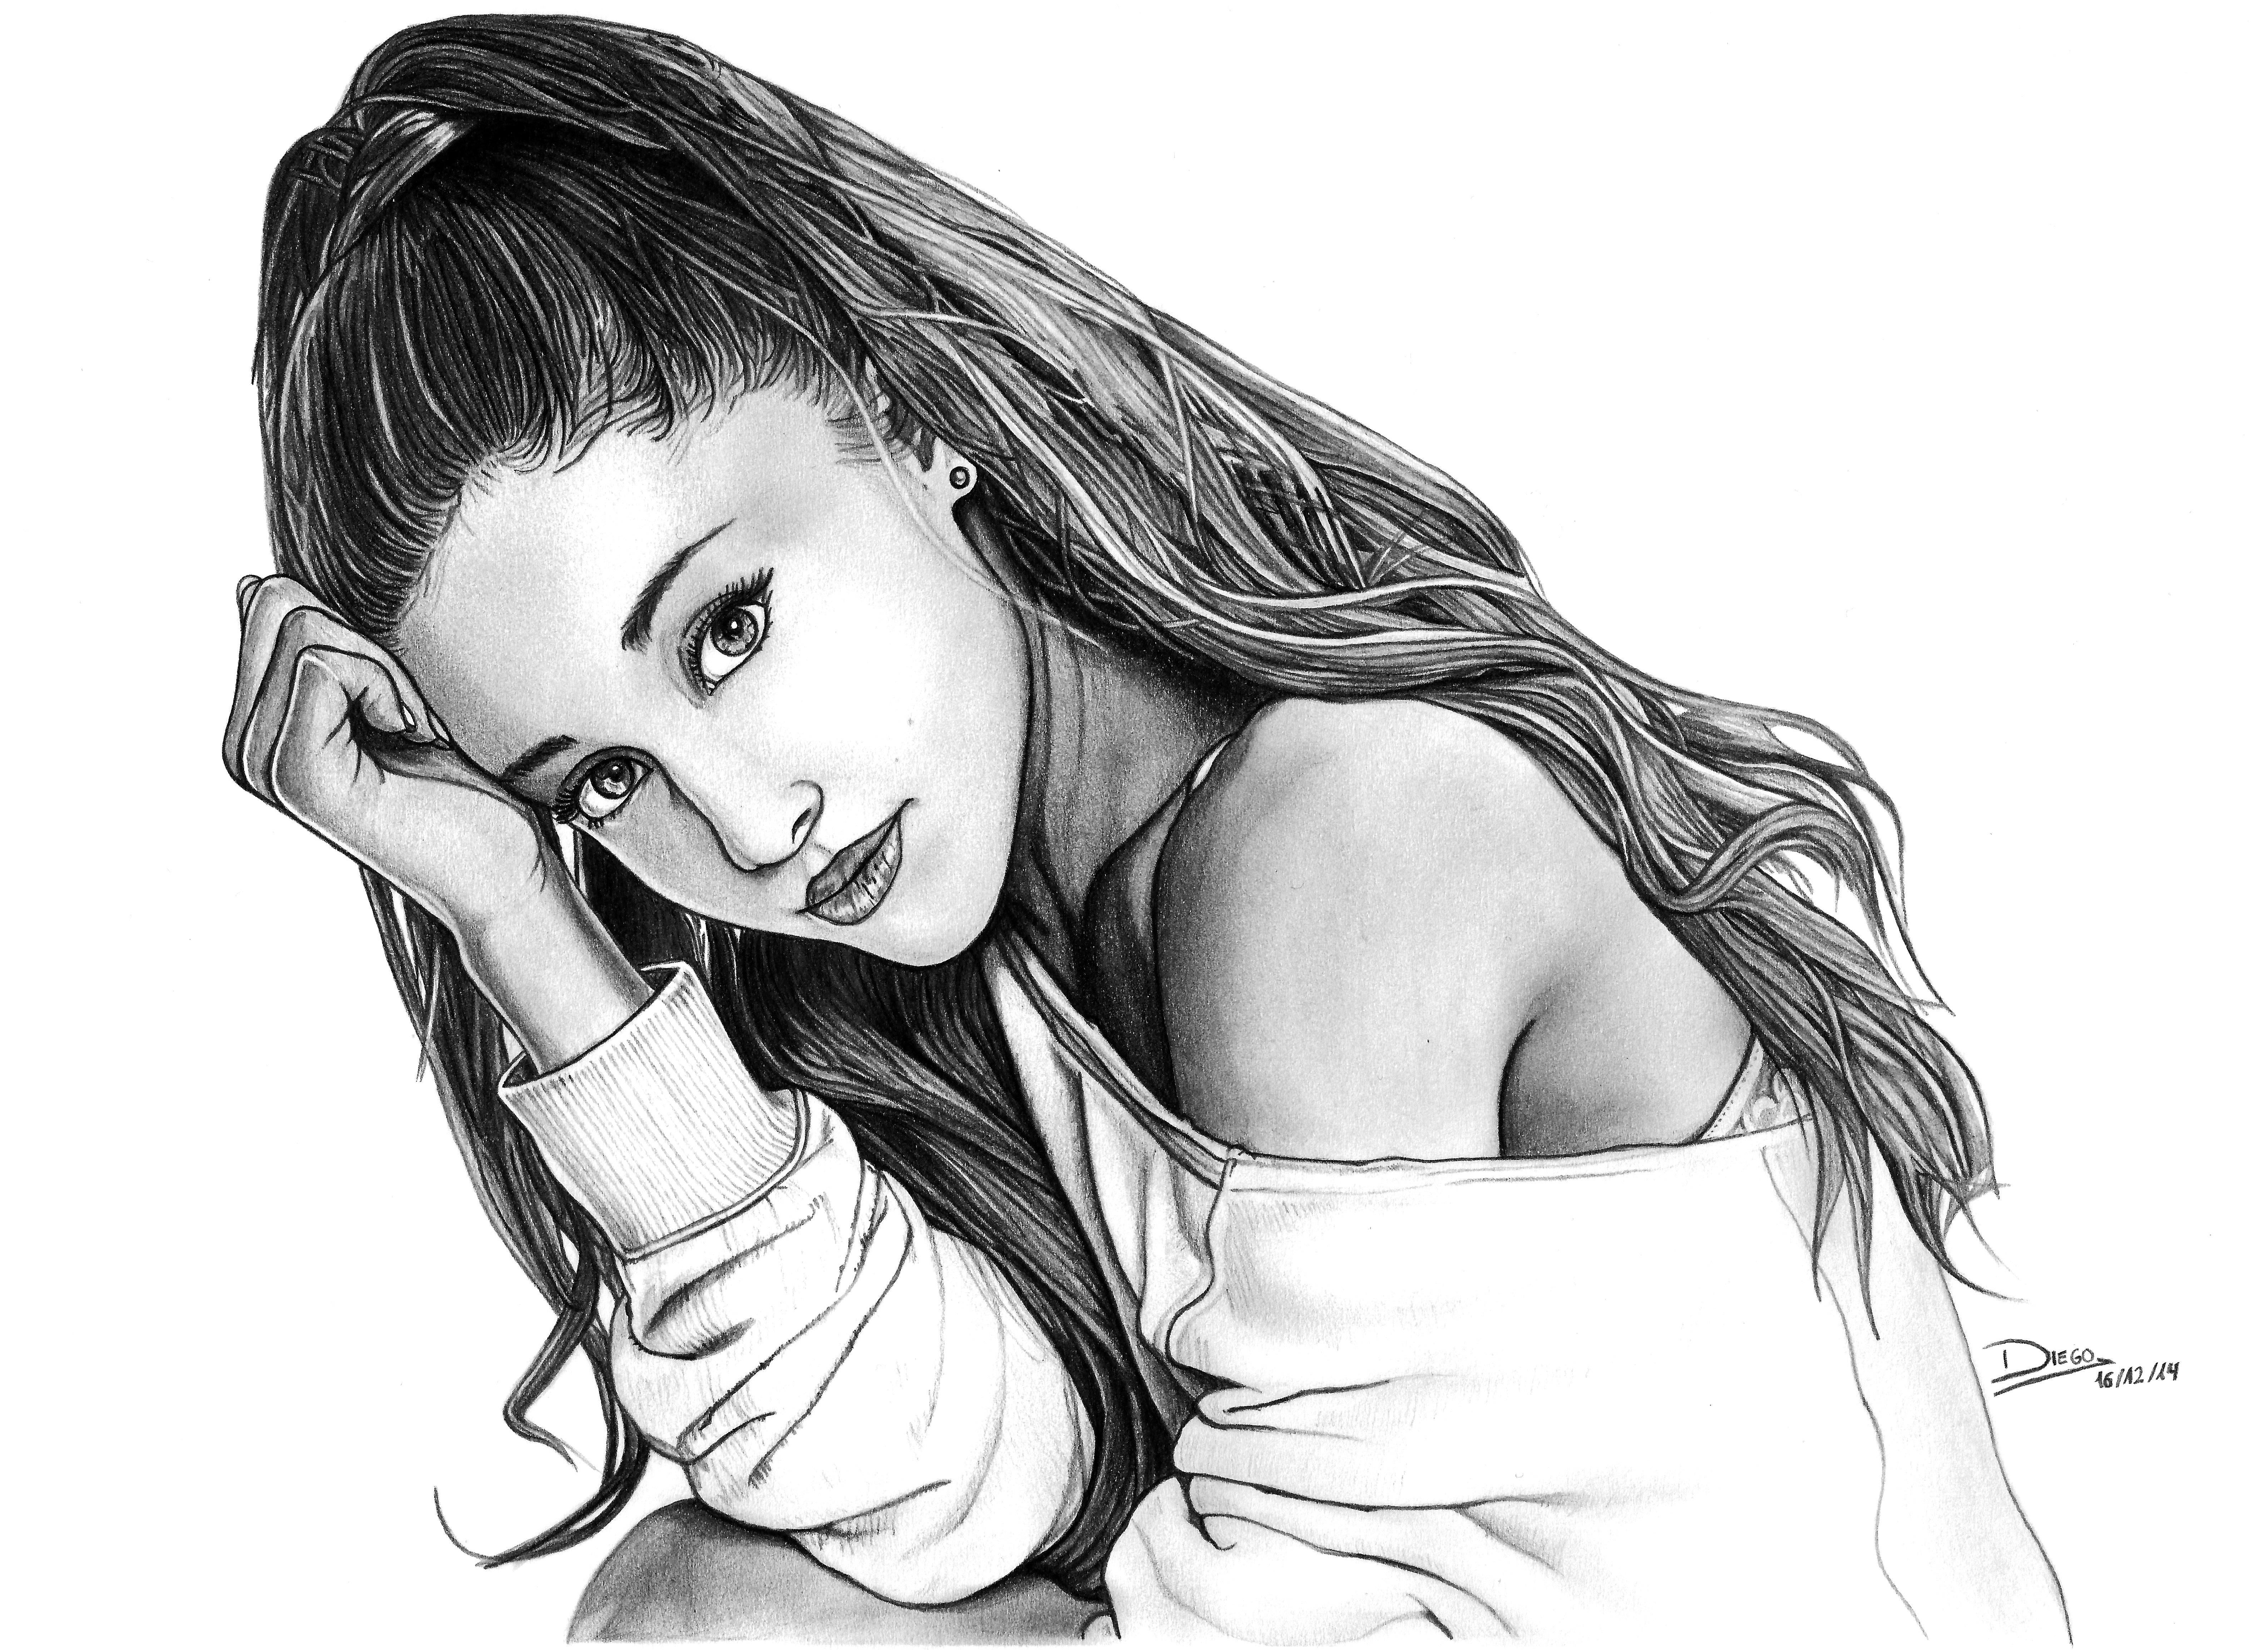 Ariana Grande By DiegoCR On DeviantArt